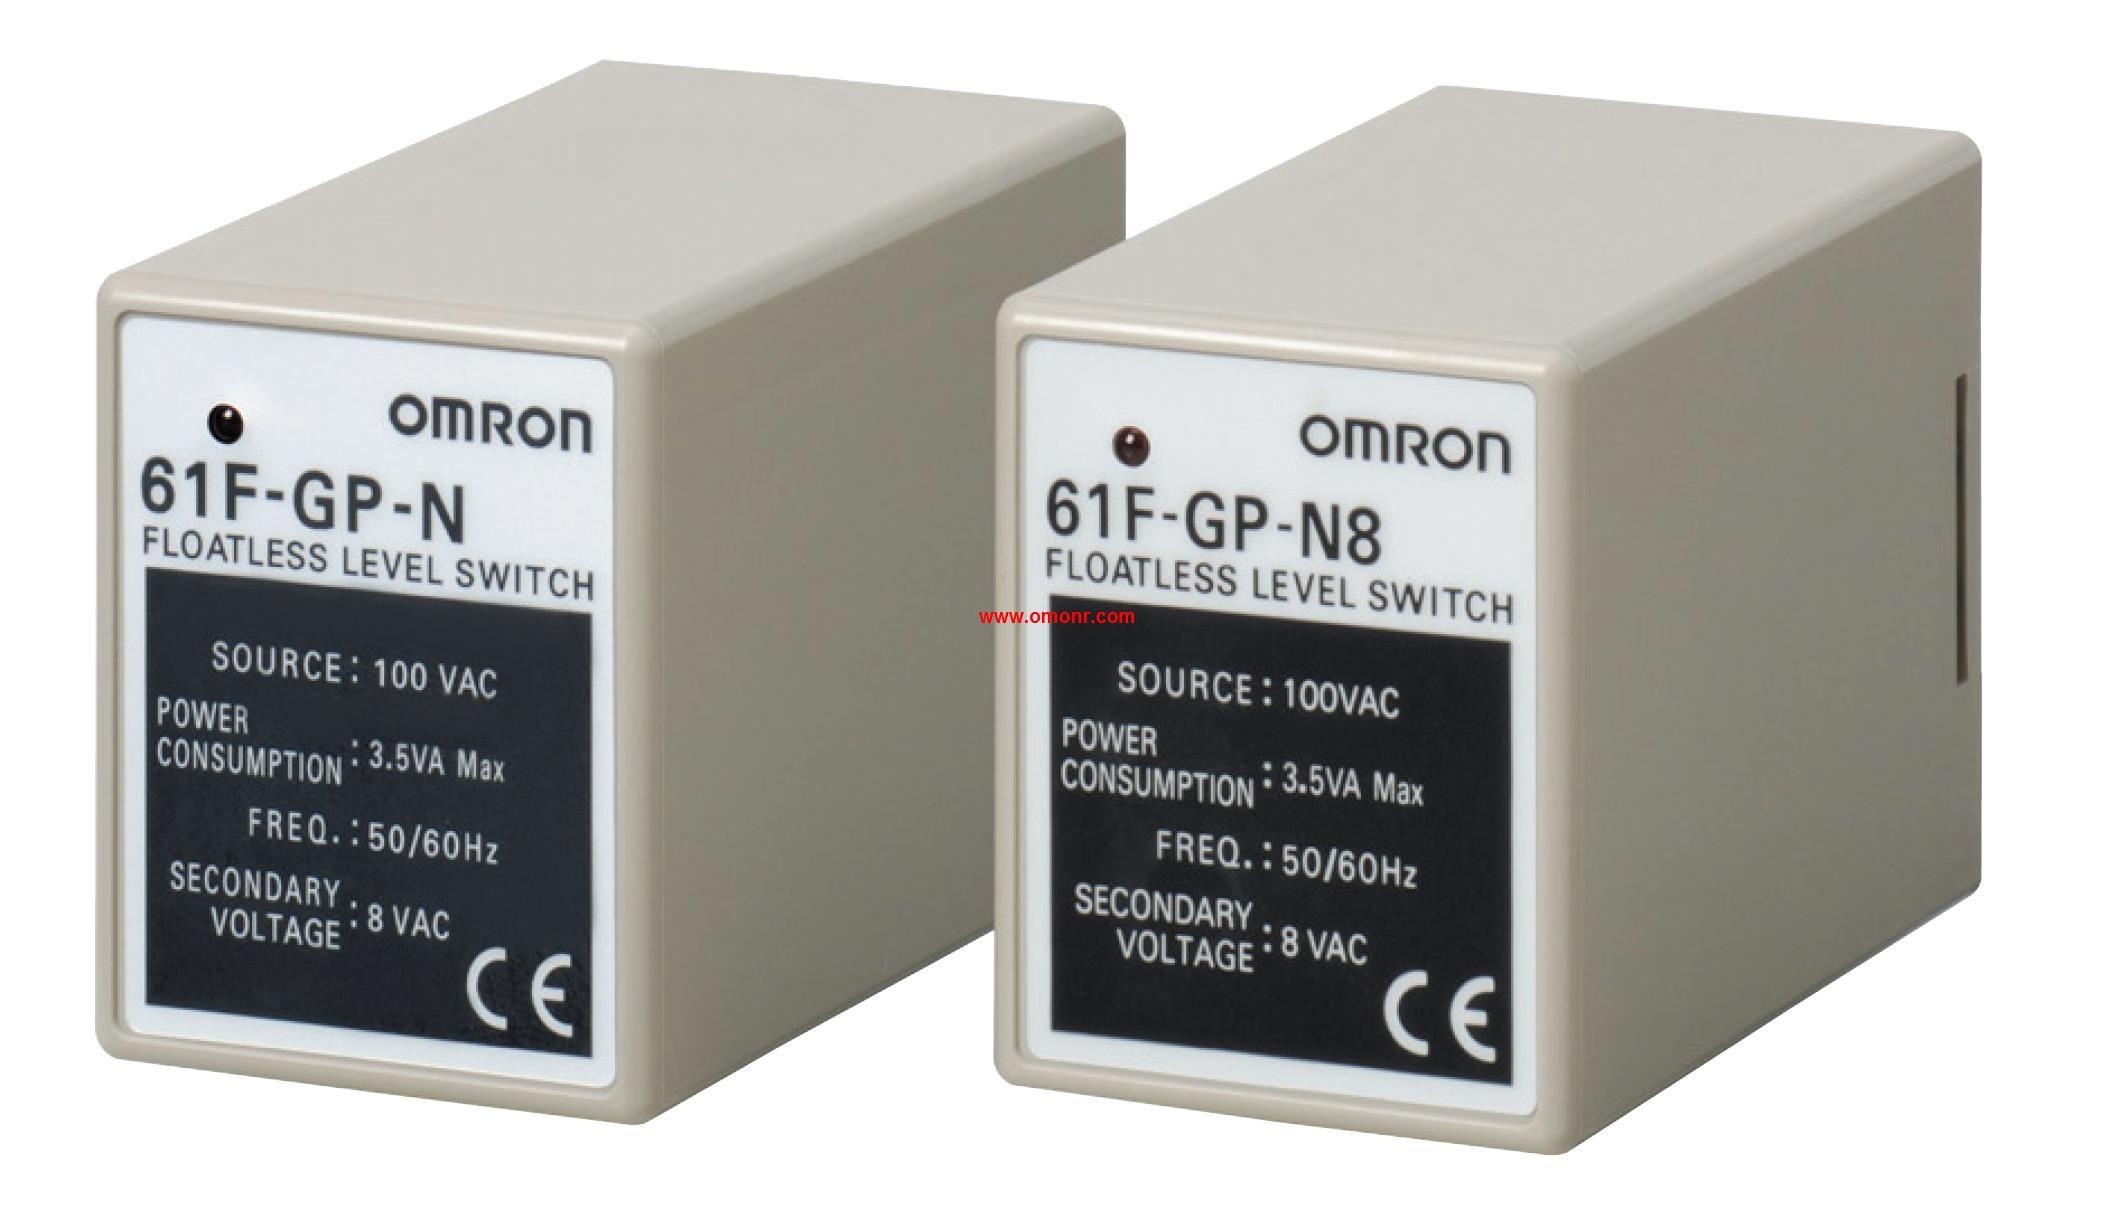 61F-GP-N8H  OMRON FLOATLESS SWITCH